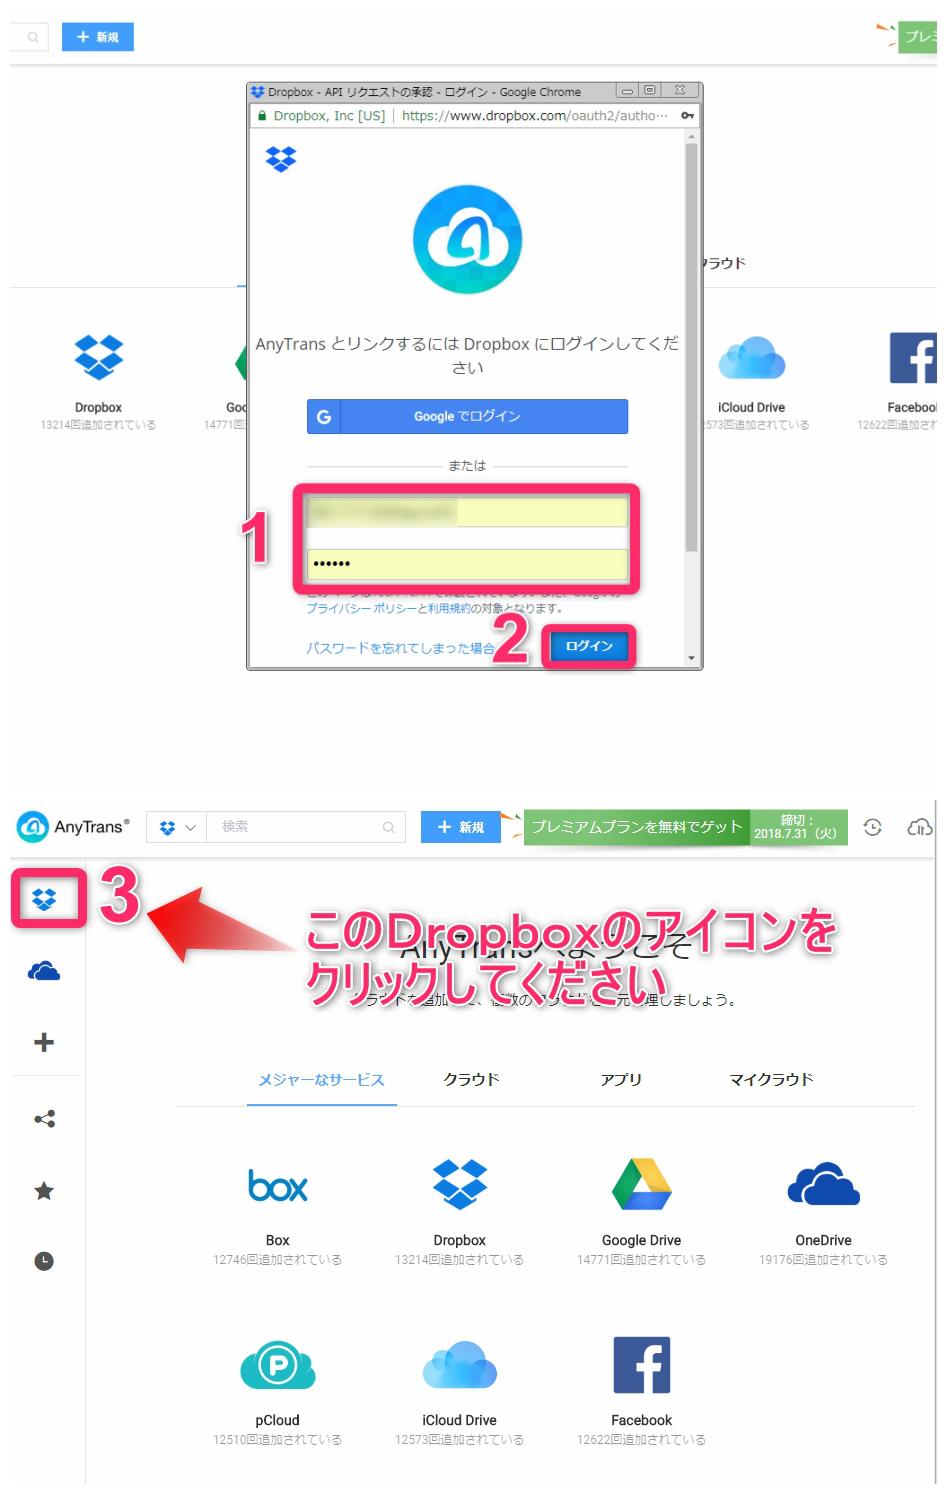 DropboxからPCに音楽をダウンロードする方法Step2